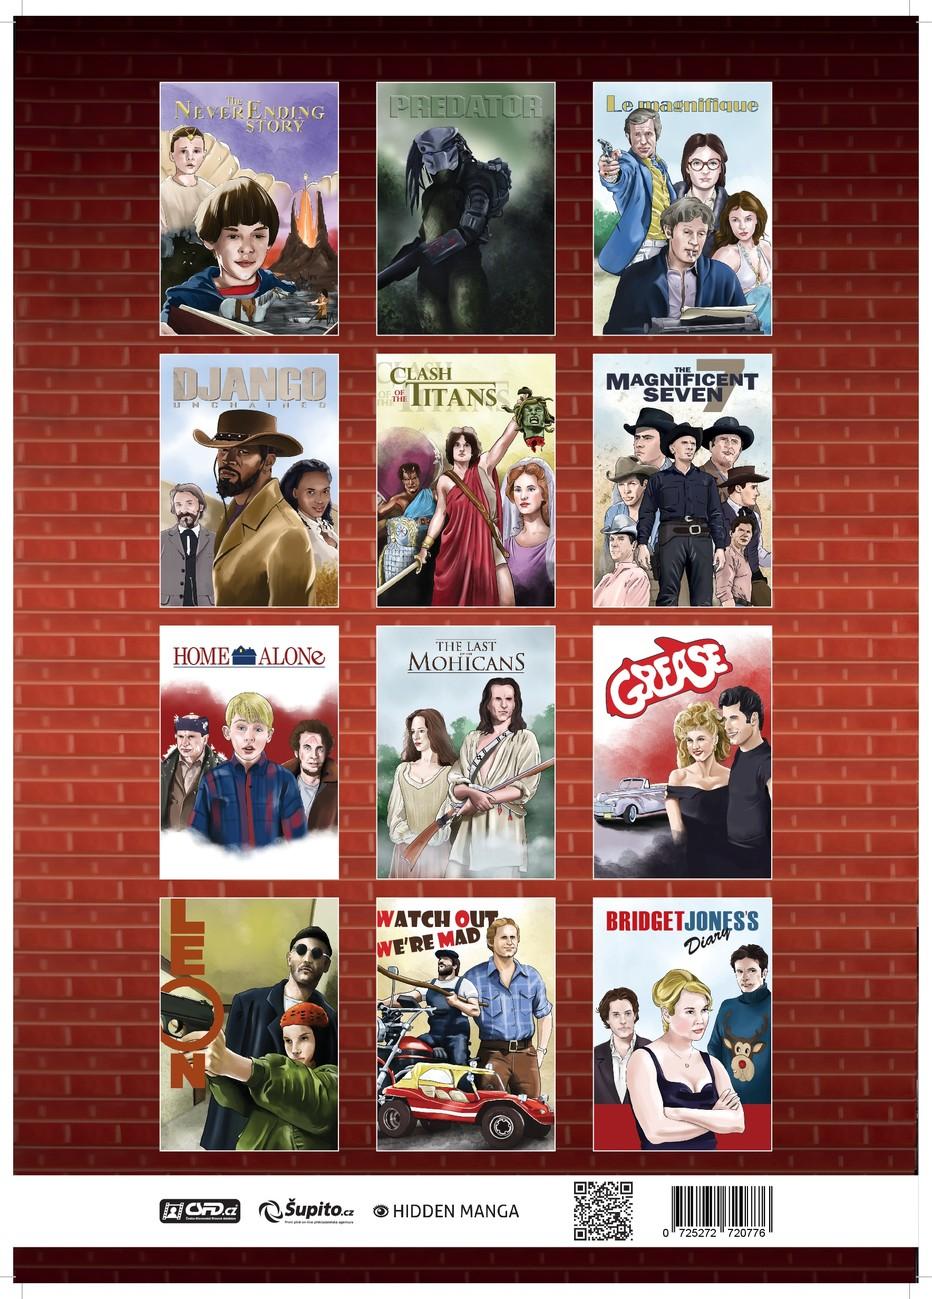 2019 Movie Calendar Movie Calendar 2019   A Tribute To Movie Classics   Calendars 2020